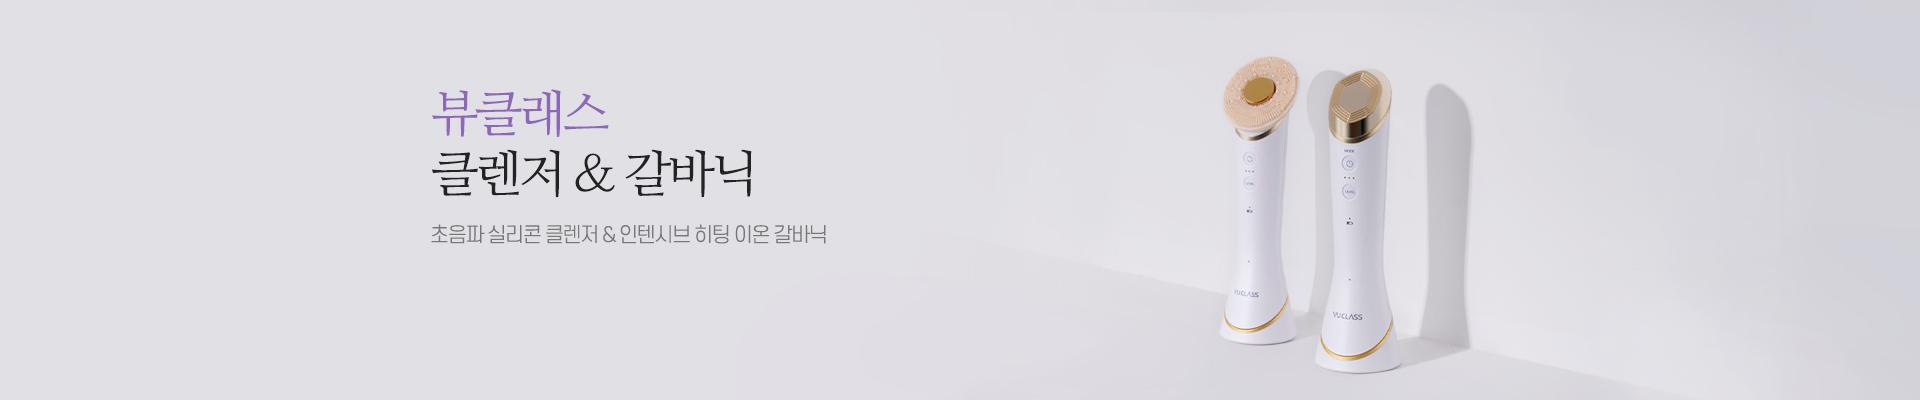 초음파 실리콘 클렌저&인텐시브 히팅 이온 갈바닉